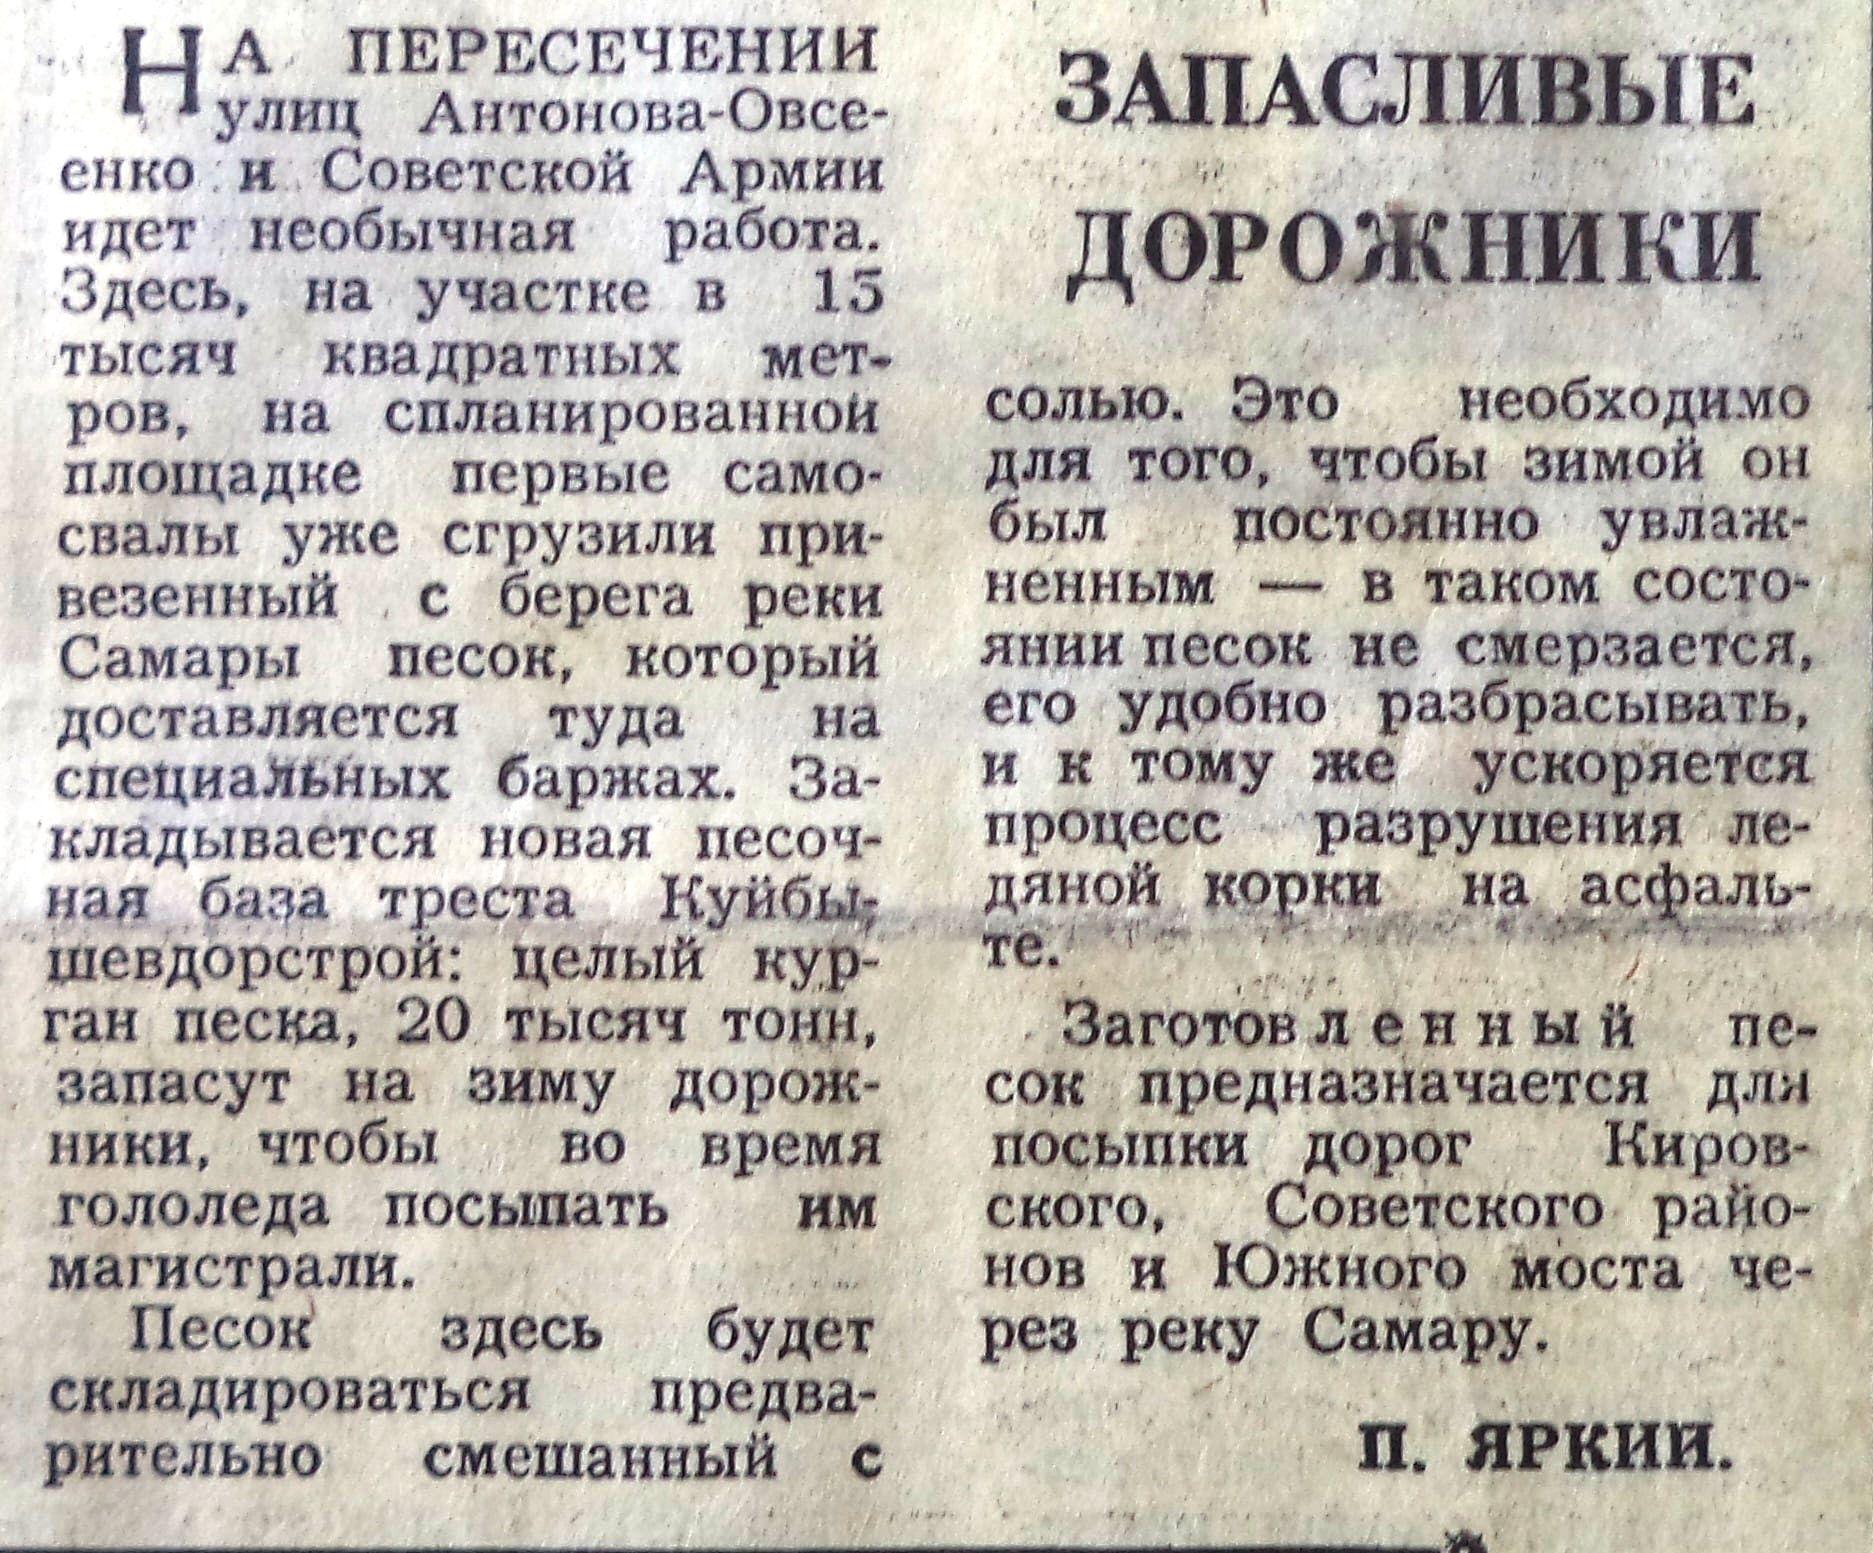 СА-ФОТО-061-ВЗя-1976-10-03-складир. песка на СА-АО-min